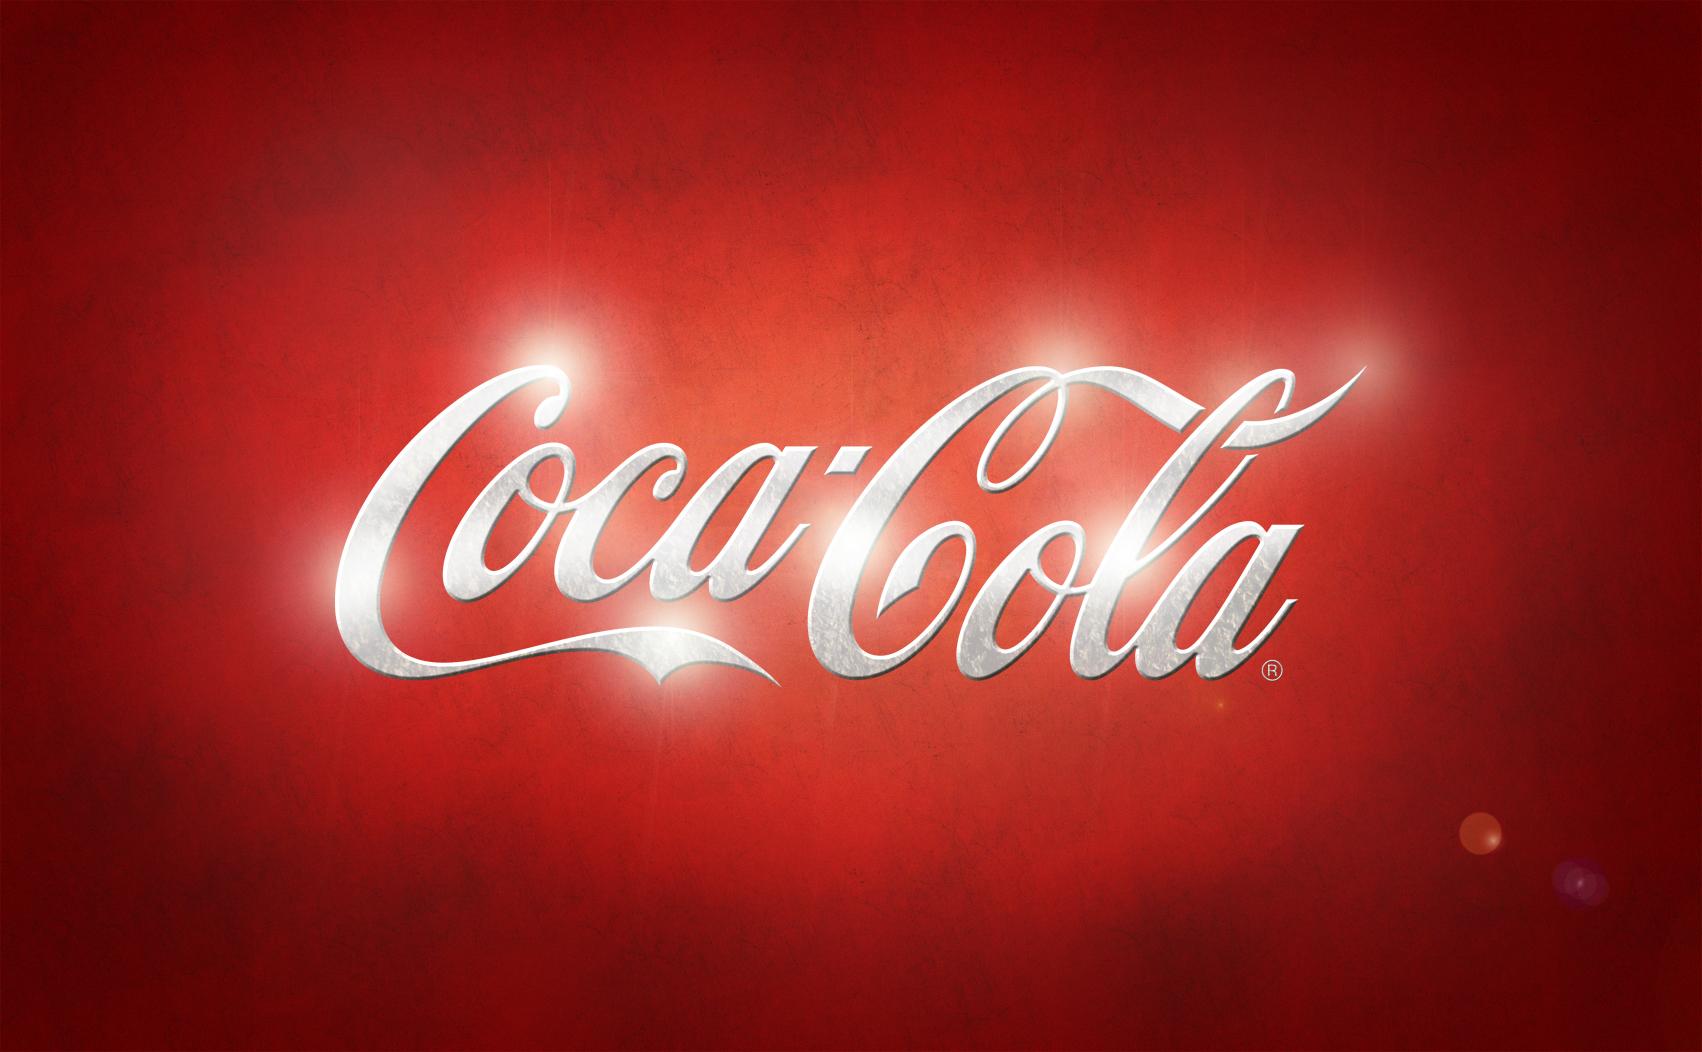 Coca-Cola patrocinará clasificatorios en Fifa 18